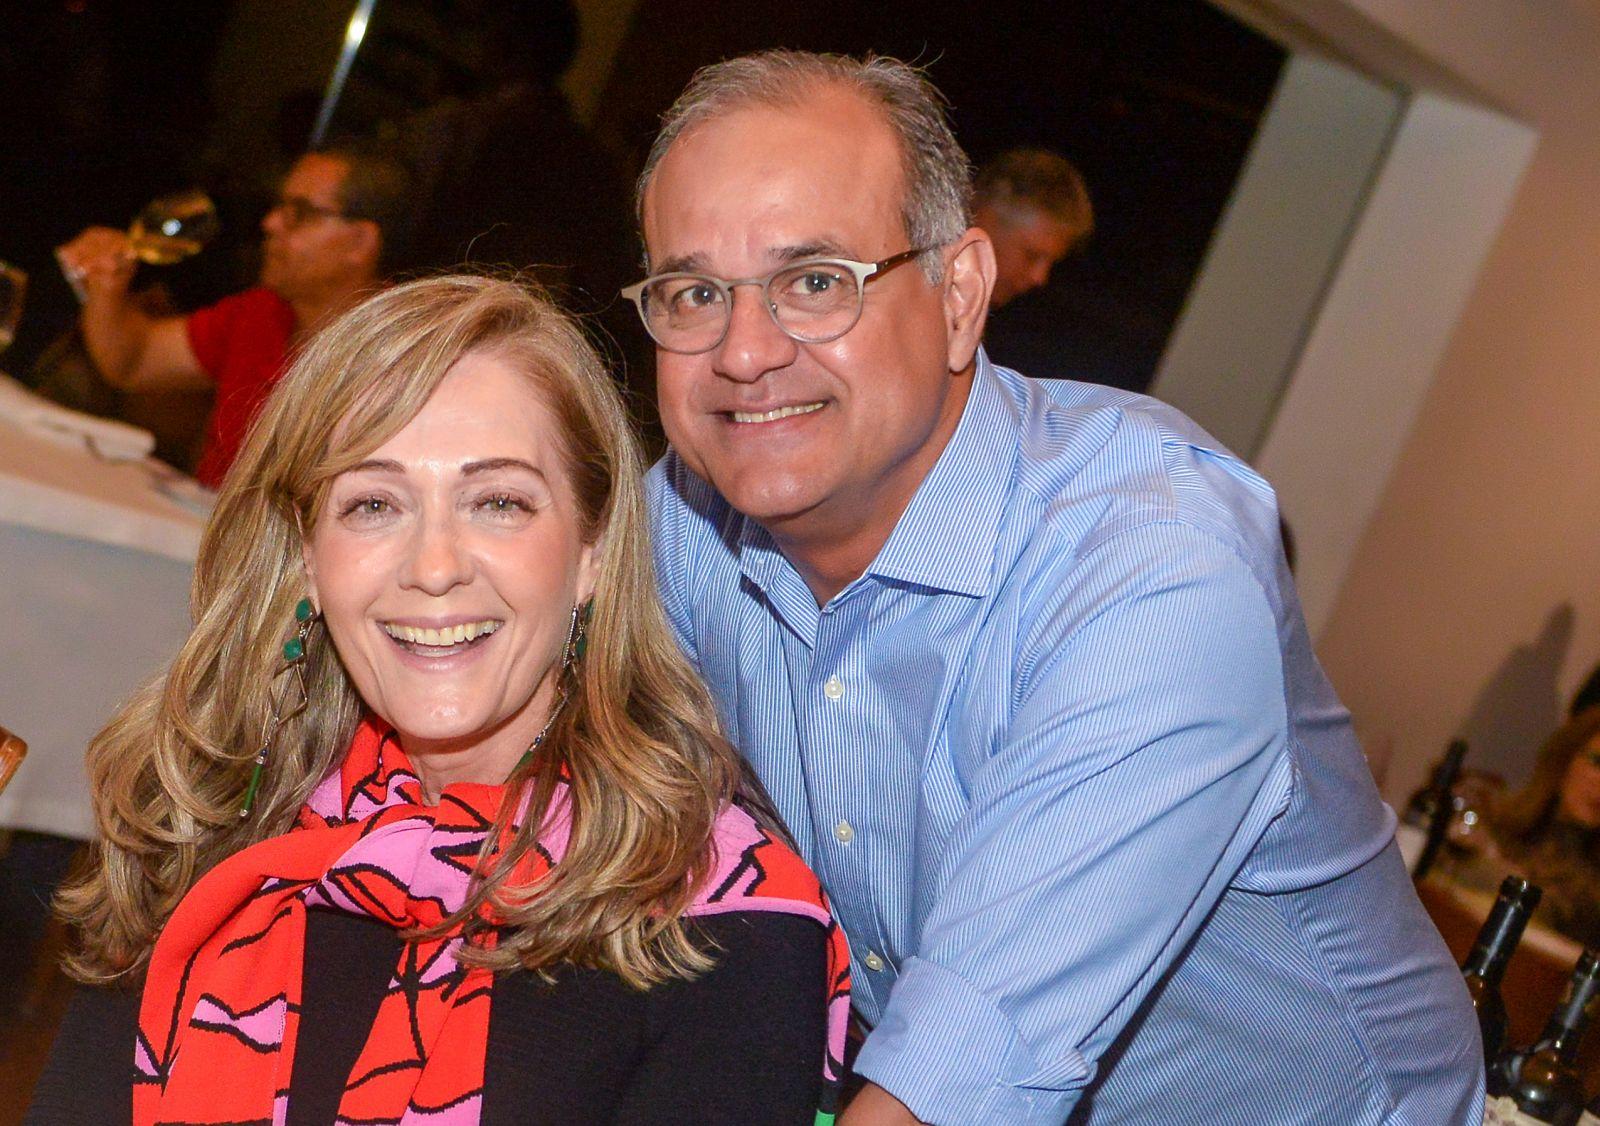 Maria Alice Mendonça a aniversariante do dia 19 de julho, na foto ela está com o esposo Mário Mendonça